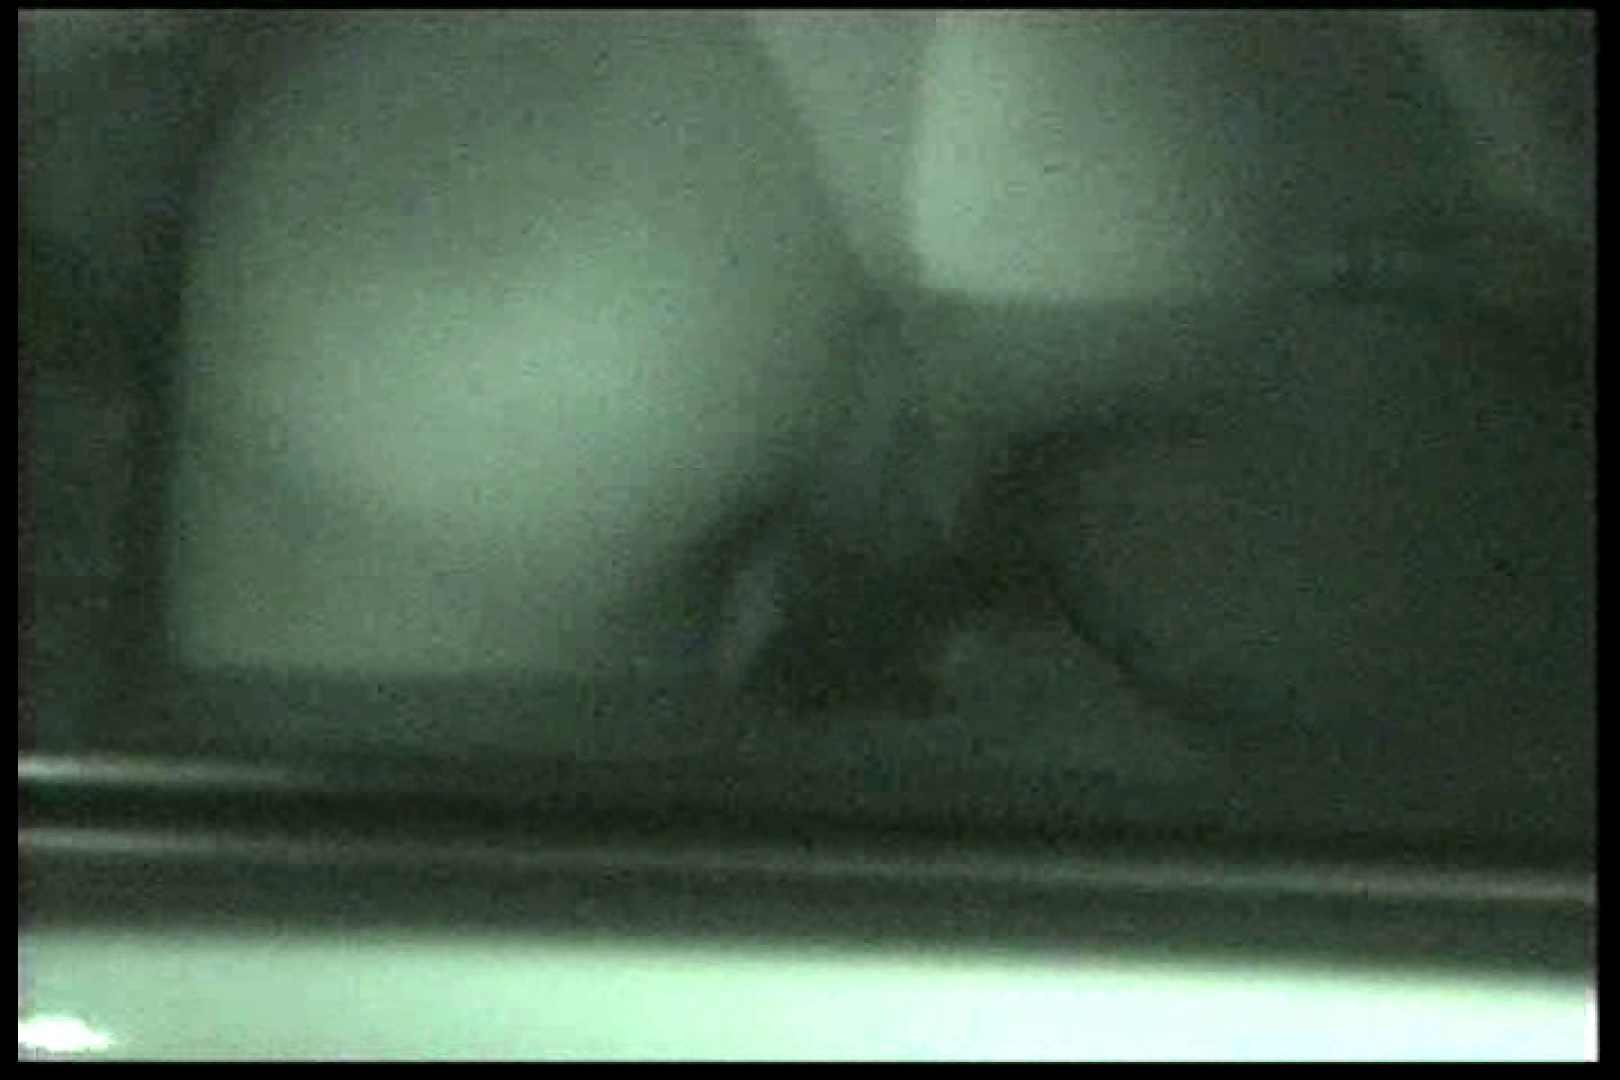 車の中はラブホテル 無修正版  Vol.15 赤外線 性交動画流出 77pic 26